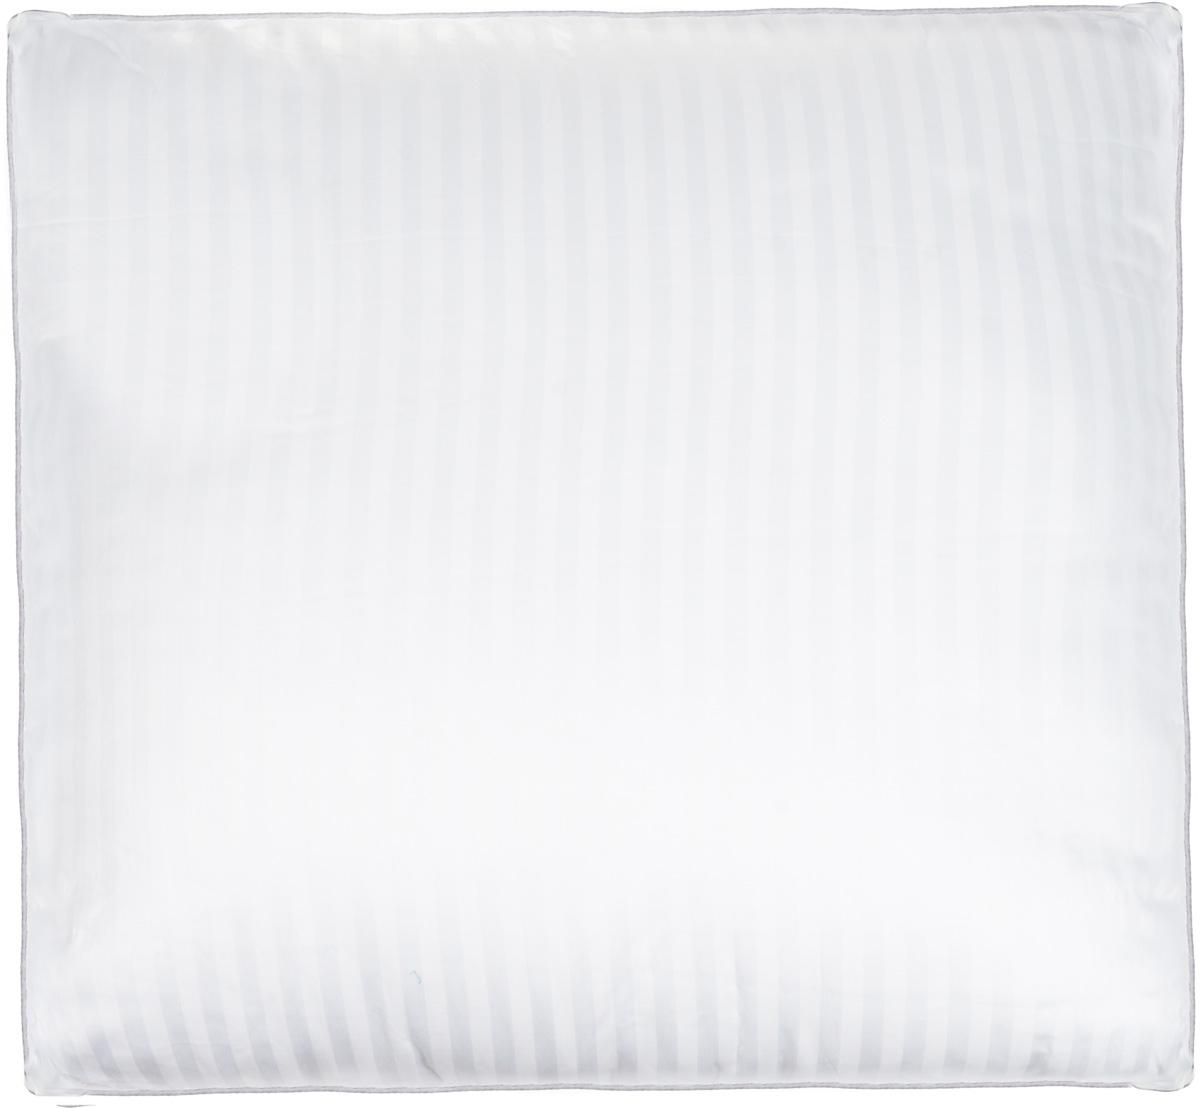 Подушка Легкие сны Элисон, наполнитель: лебяжий пух, 68 х 68 см77(42)03-ЛППодушка Легкие сны Элисон поможет расслабиться, снимет усталость и подарит вам спокойный и здоровый сон. В качестве наполнителя используется синтетический сверхтонкий и практически невесомый материал, названный лебяжьим пухом. Изделия с наполнителем из искусственного пуха легкие, мягкие и не вызывают аллергии. Чехол изделия выполнен из белоснежного сатина (100% хлопок) с тиснением страйп (полосы), по краю подушки выполнена отделка атласным кантом серого цвета. Подушка с таким наполнителем практична, легко стирается и быстро сохнет, сохраняя свои первоначальные свойства. Подушку можно стирать в стиральной машине. Степень поддержки: средняя.